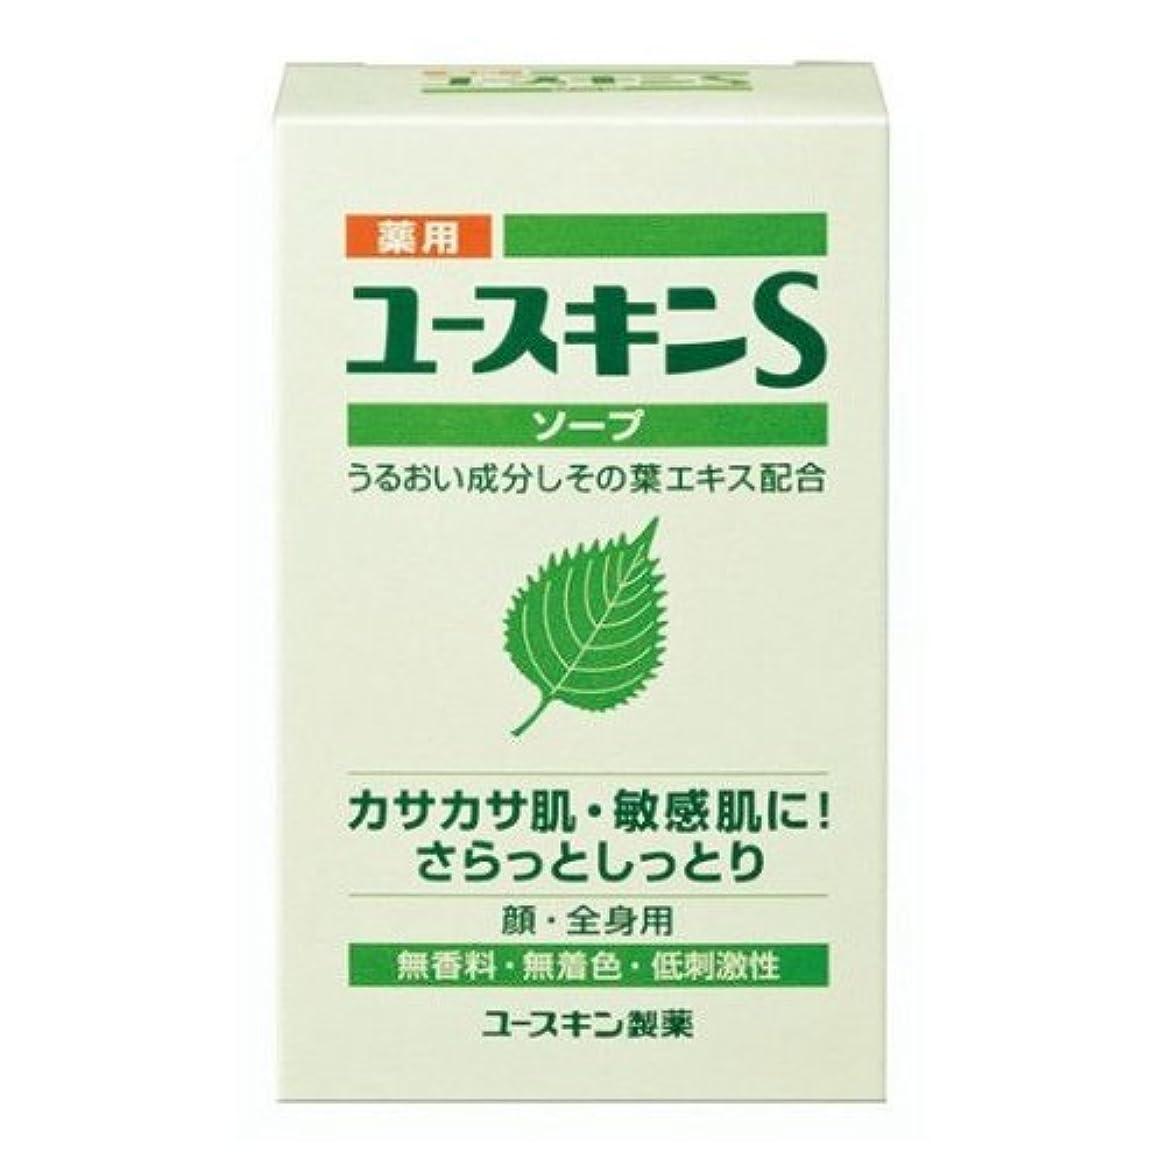 あいまいな小道適度にユースキン製薬 薬用ユースキンSソープ 90g(医薬部外品)